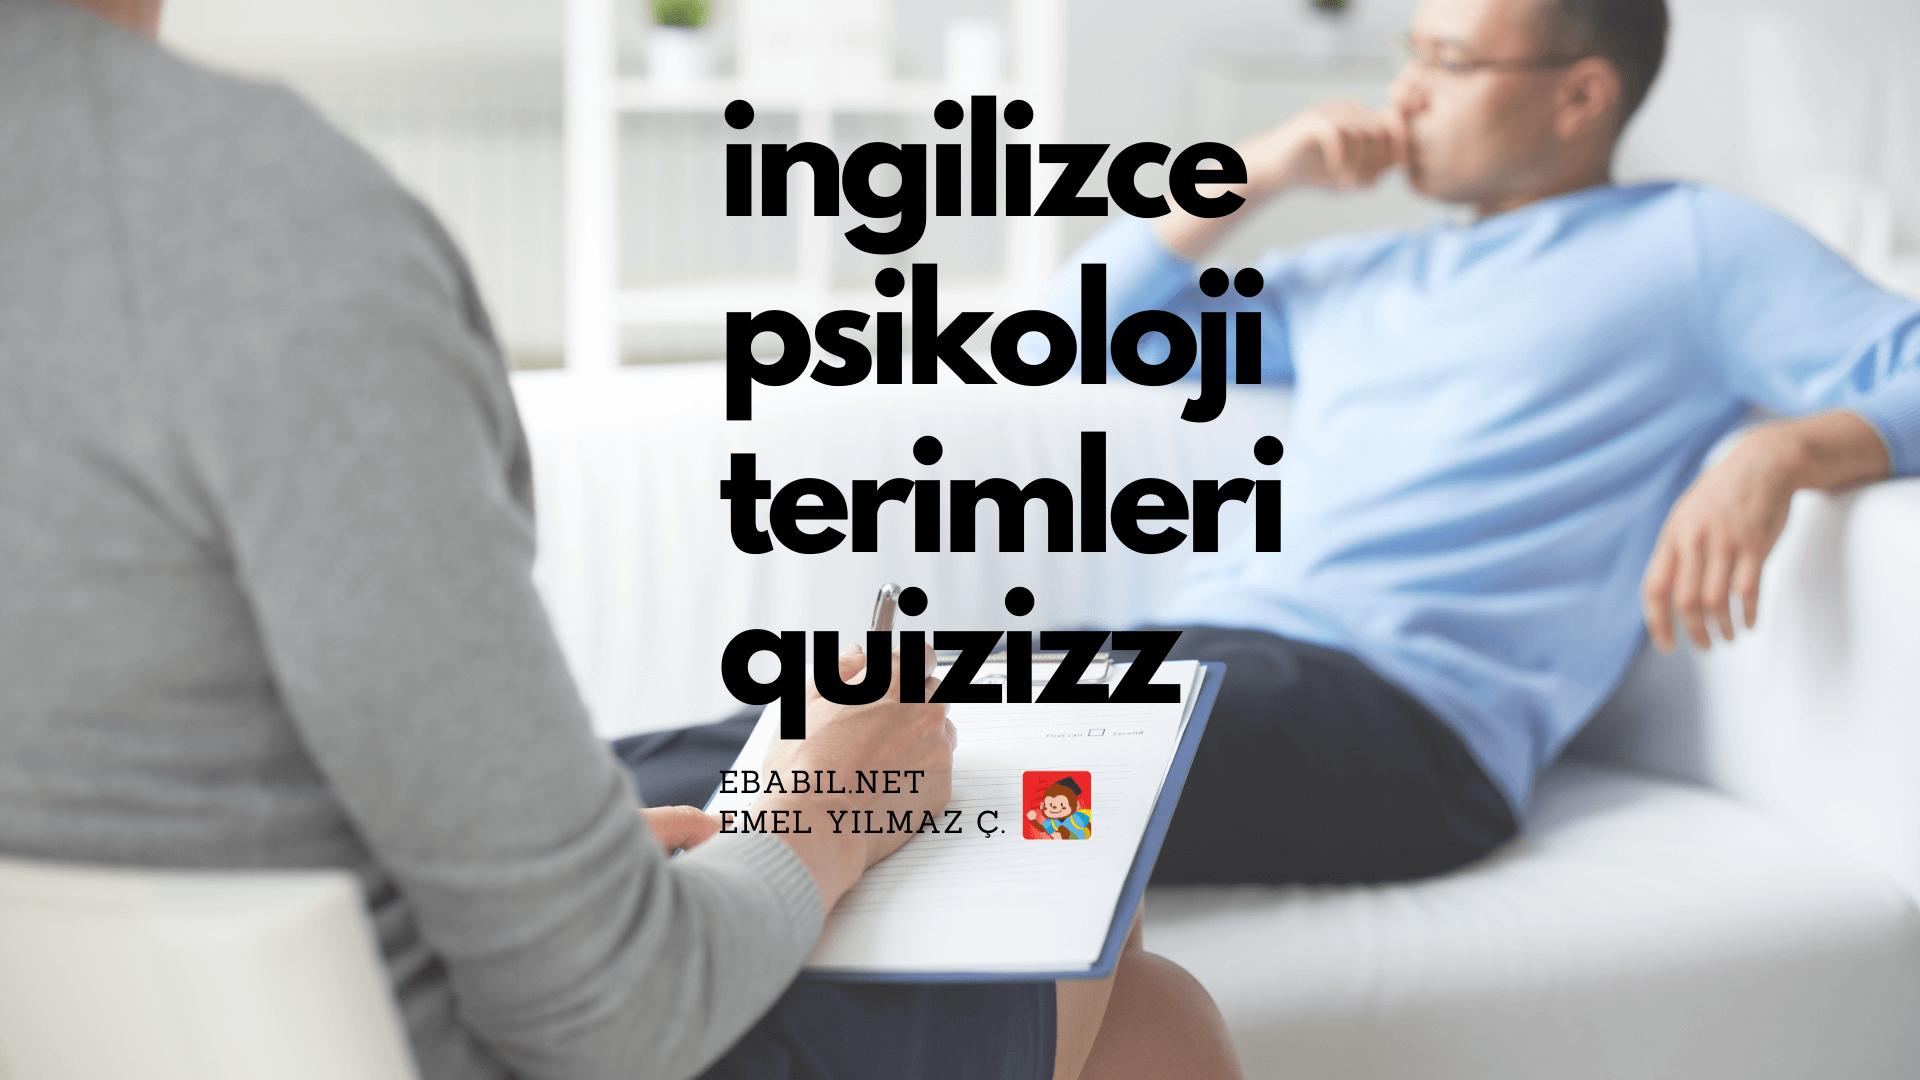 İngilizce Psikoloji Terimleri Kelime Alıştırması